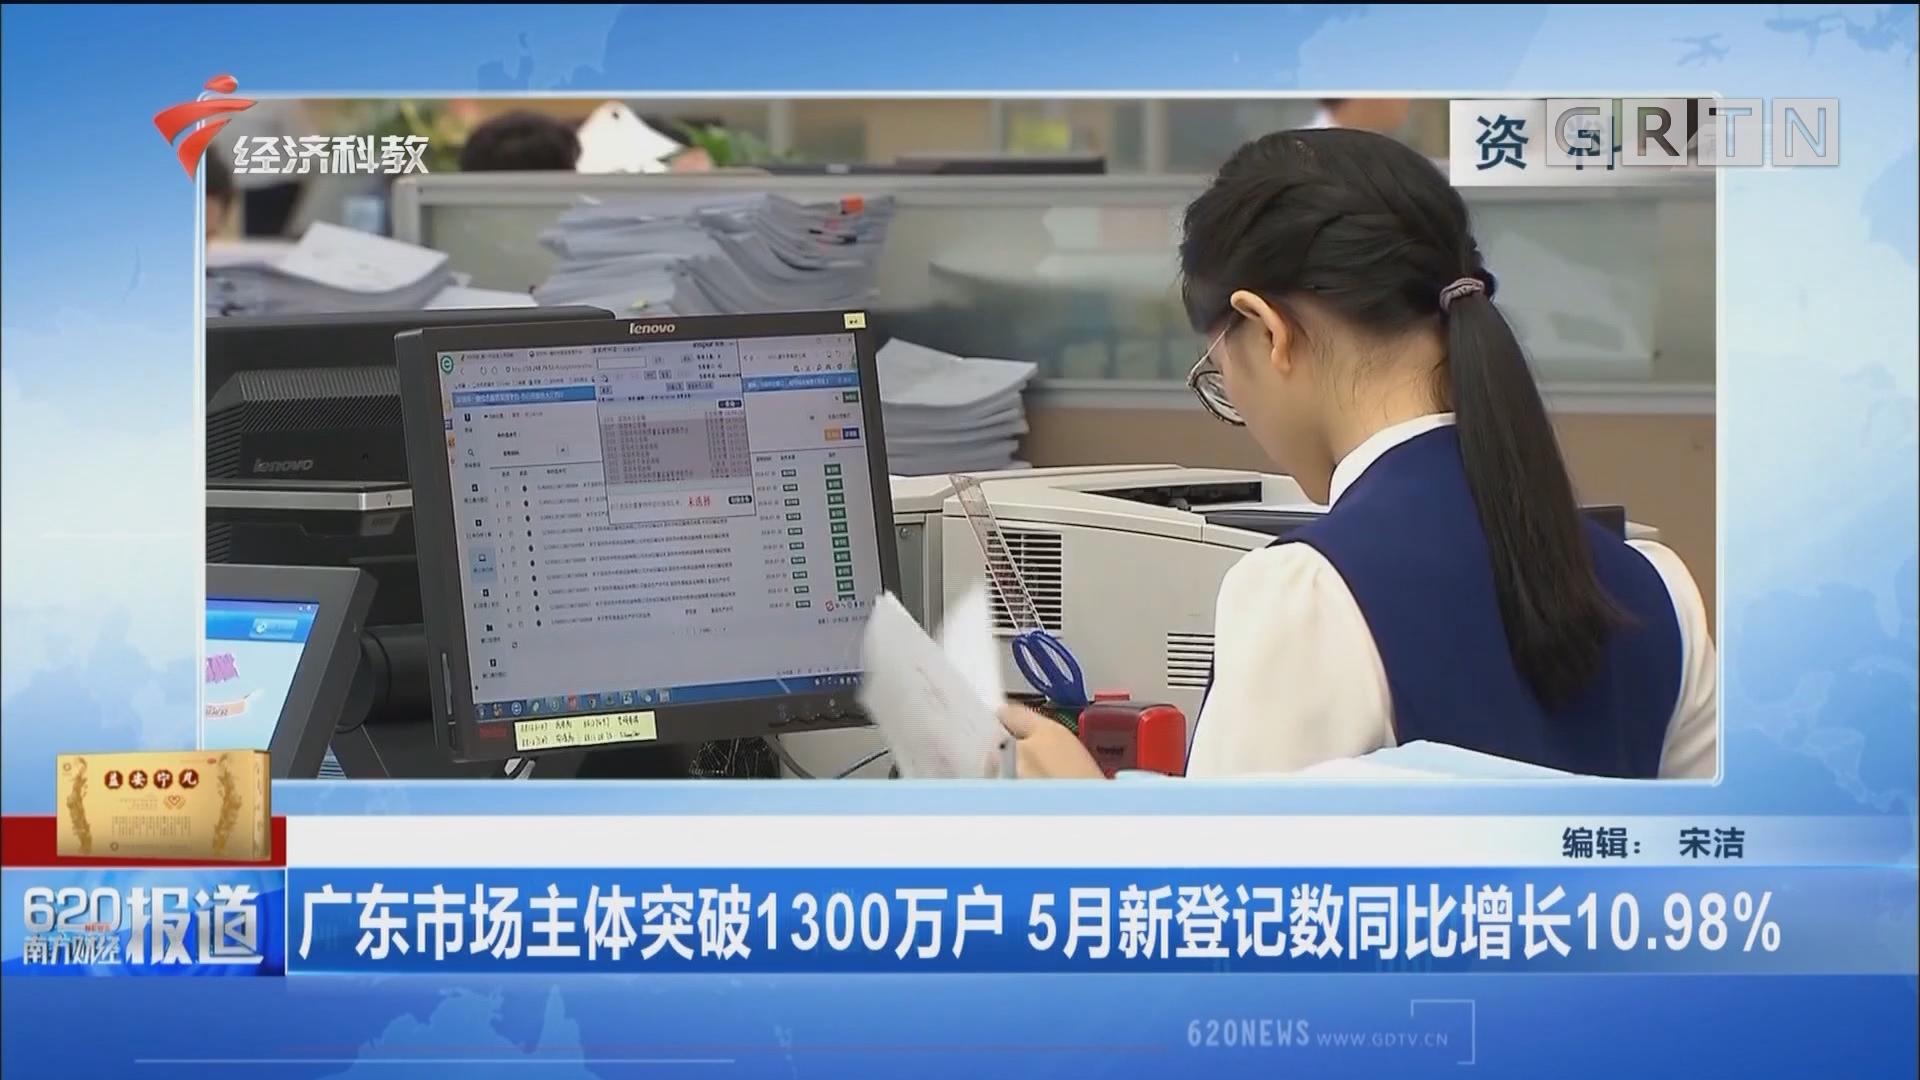 广东市场主体突破1300万户 5月新登记数同比增长10.98%